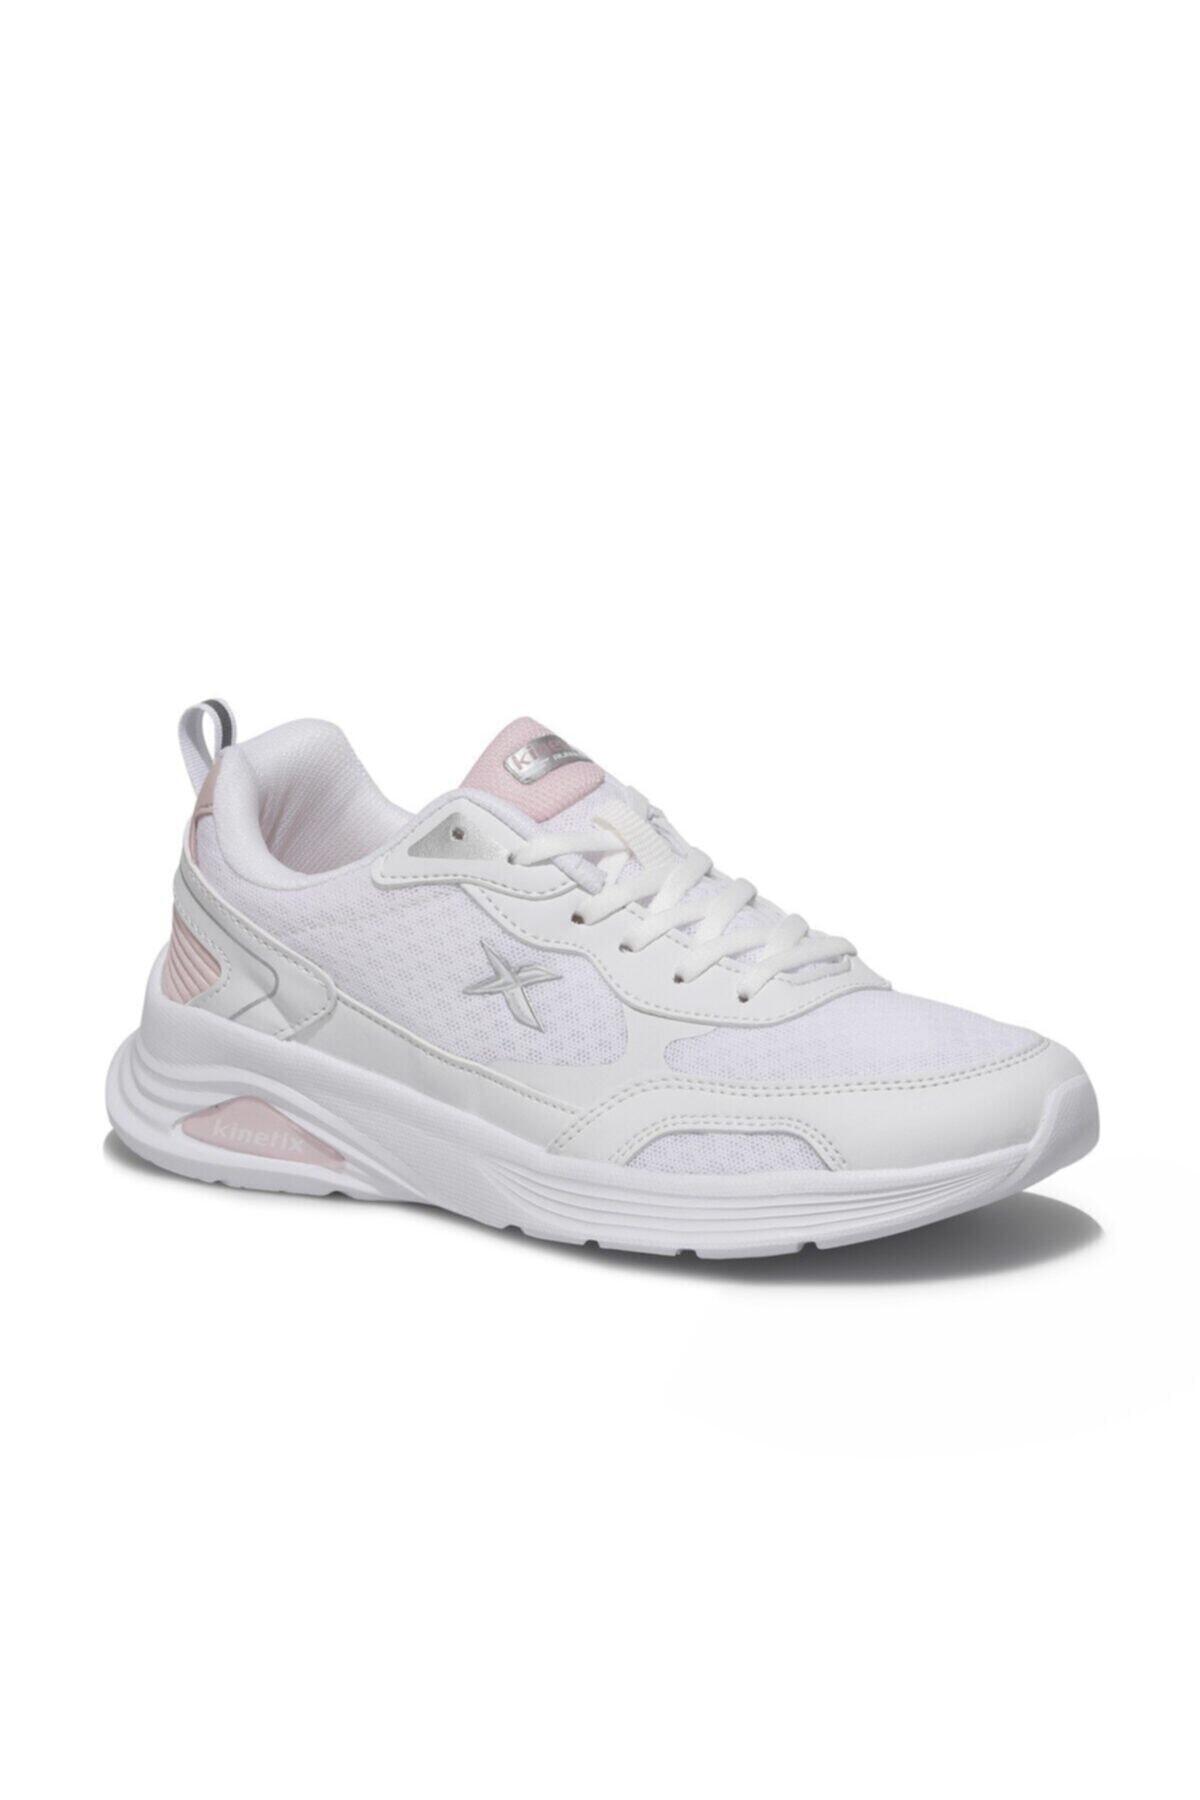 Stark W 1fx Beyaz Kadın Koşu Ayakkabısı